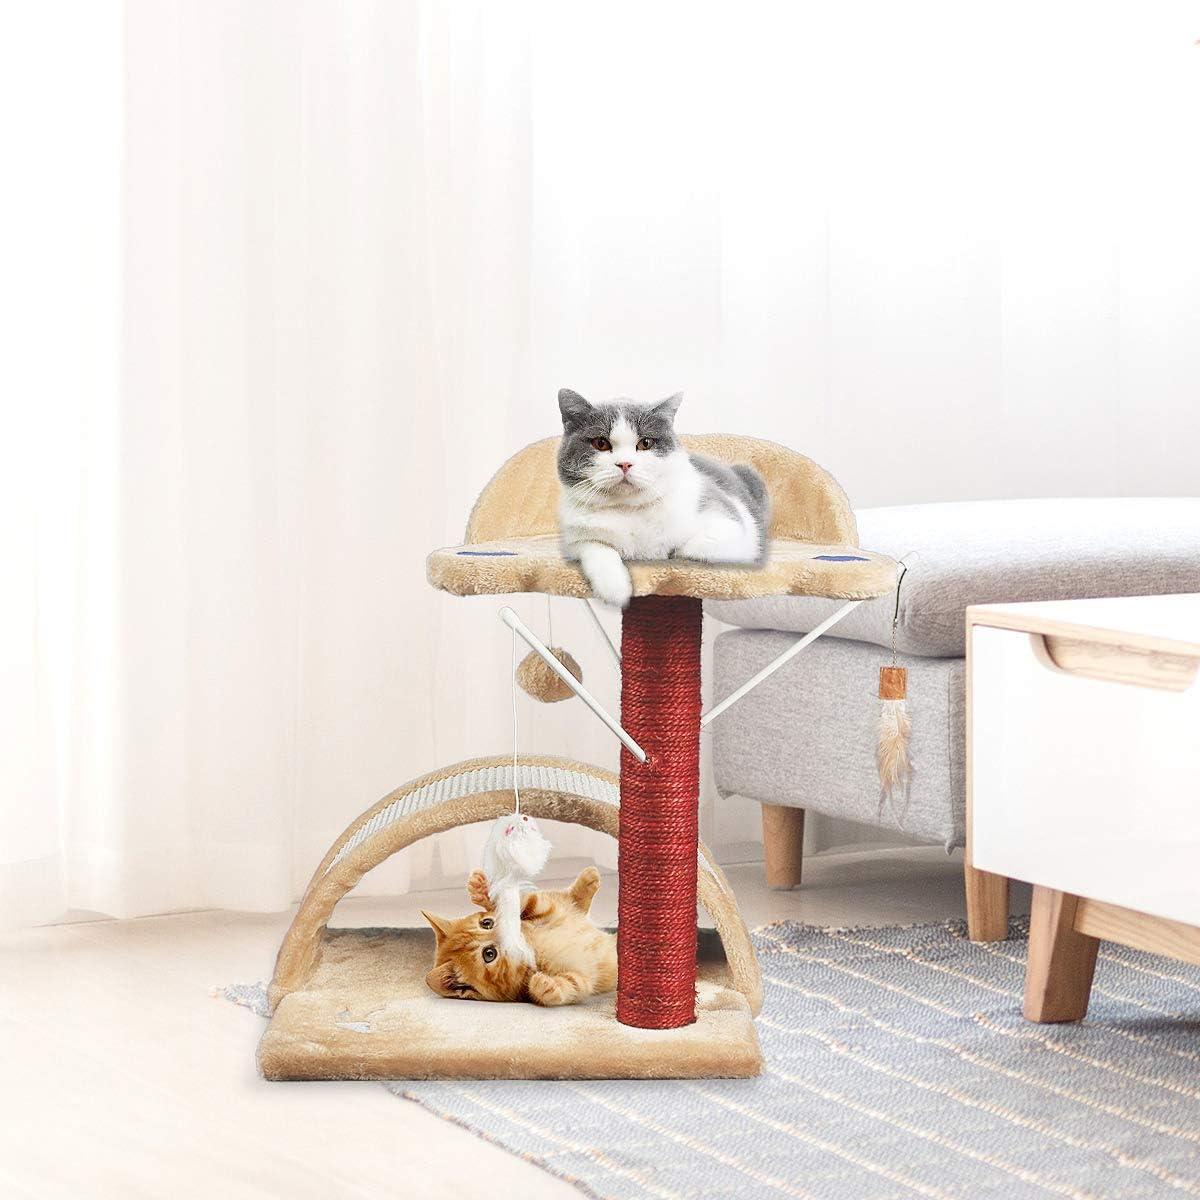 JR Knight - Poste para gatos, beige, 53cm(H): Amazon.es: Hogar